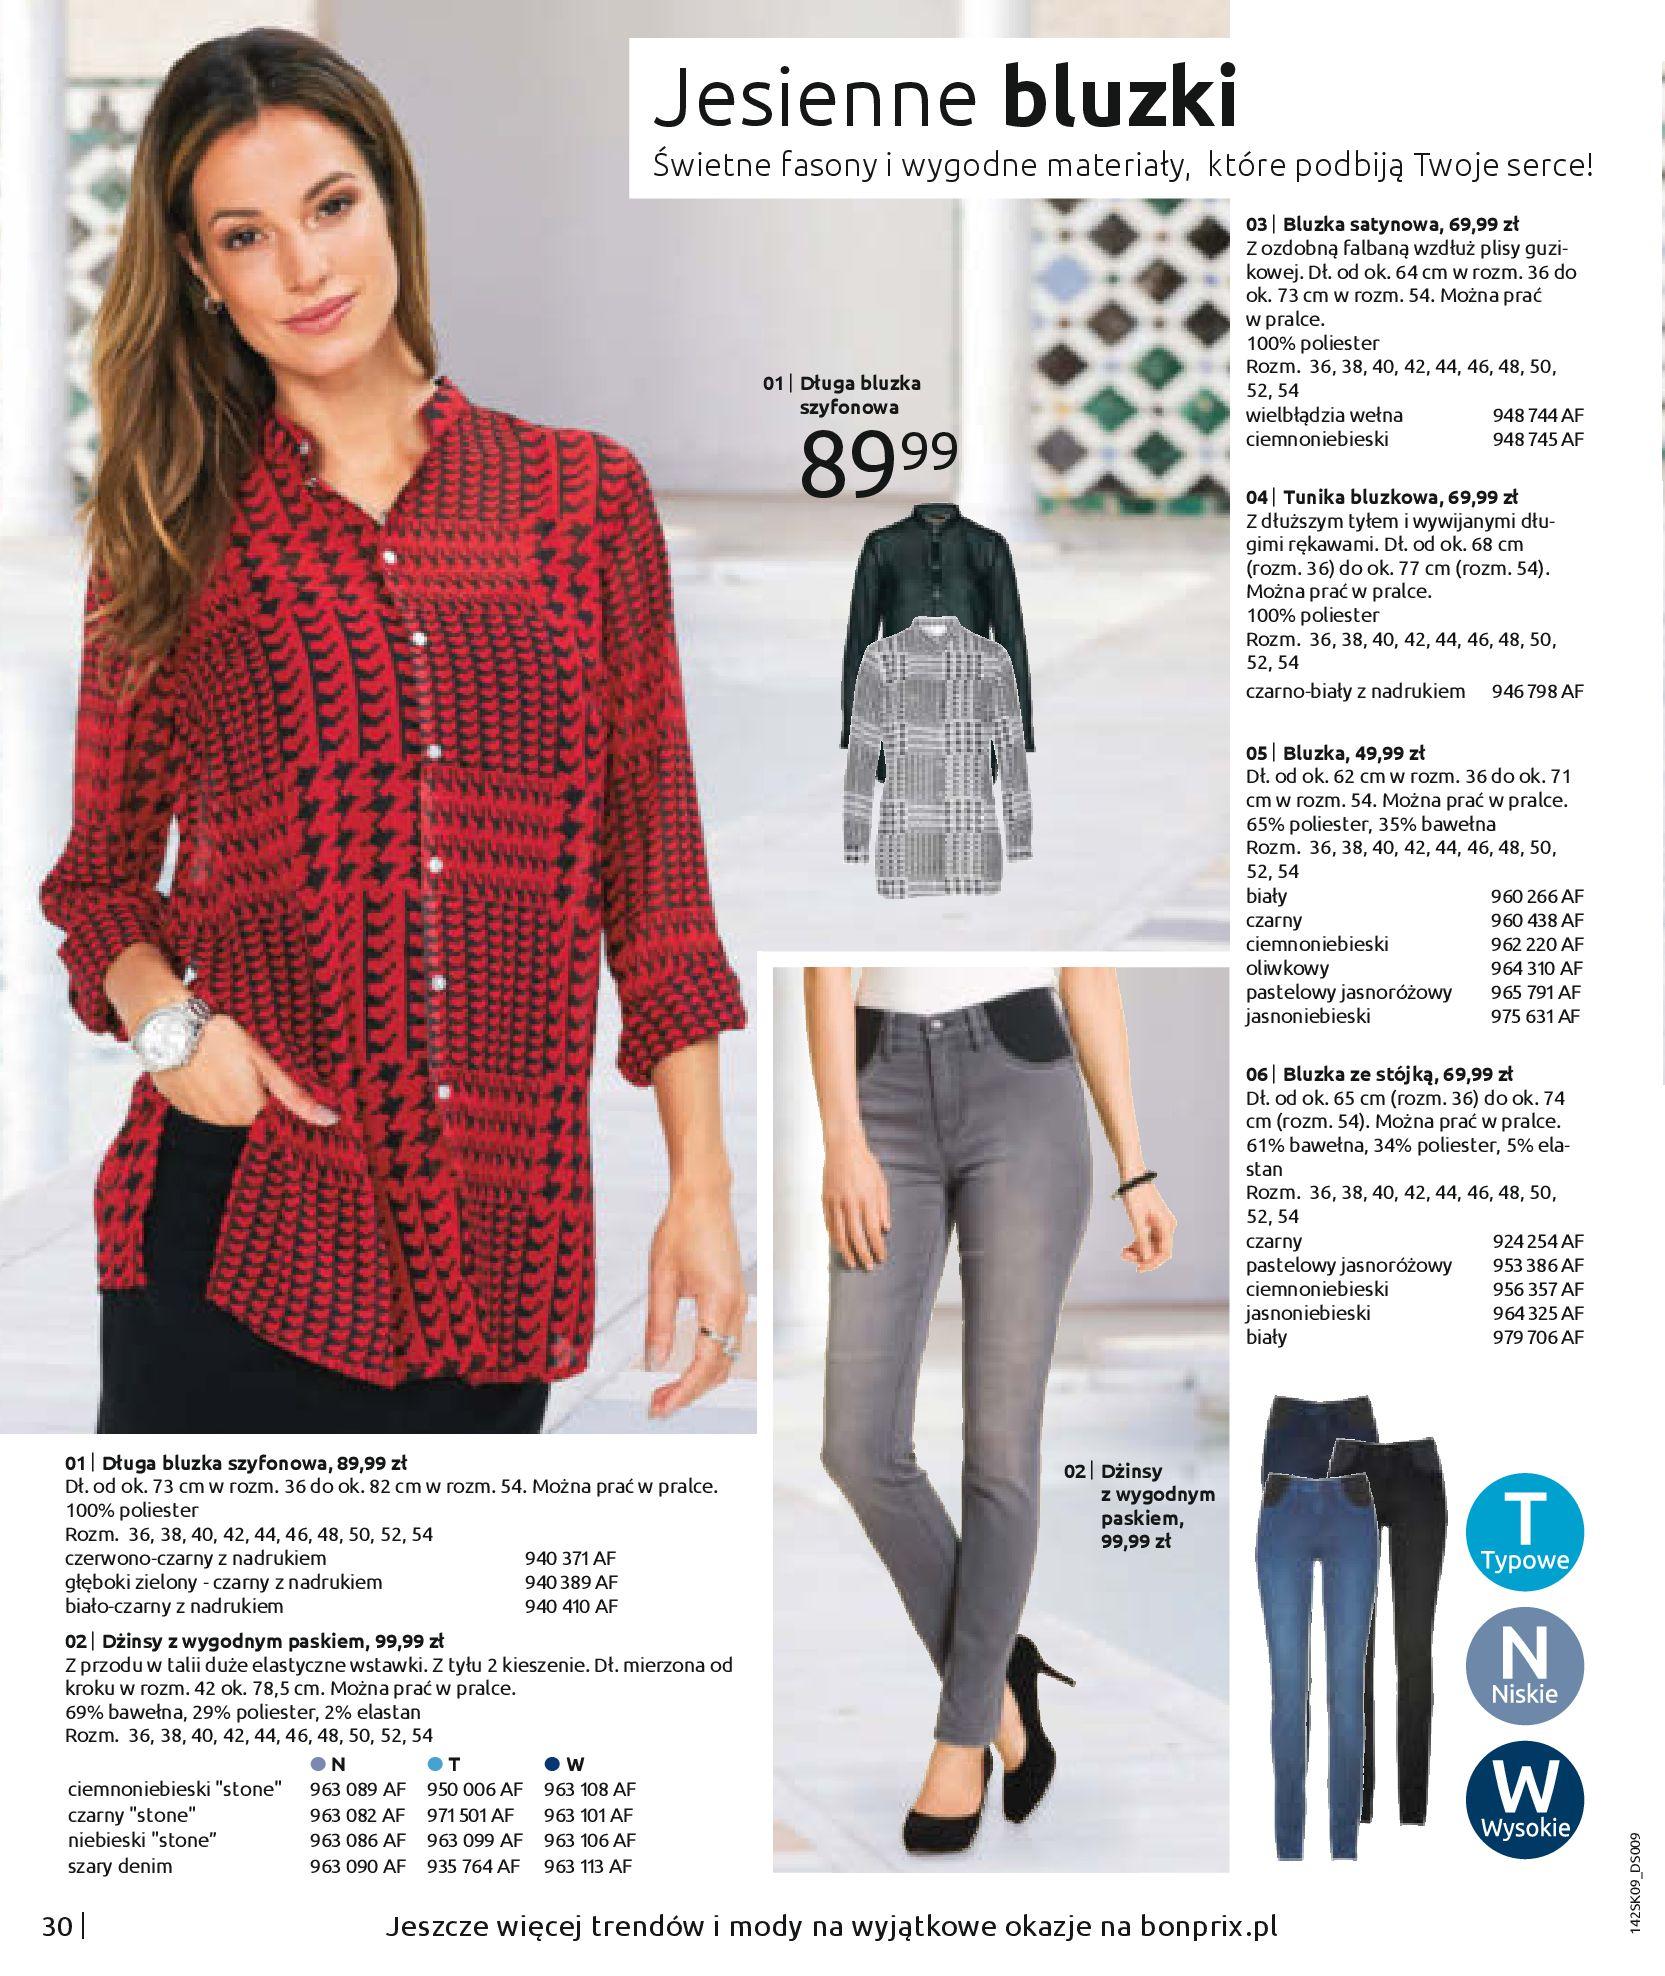 Gazetka Bonprix - Jesienny look-31.08.2020-28.02.2021-page-32